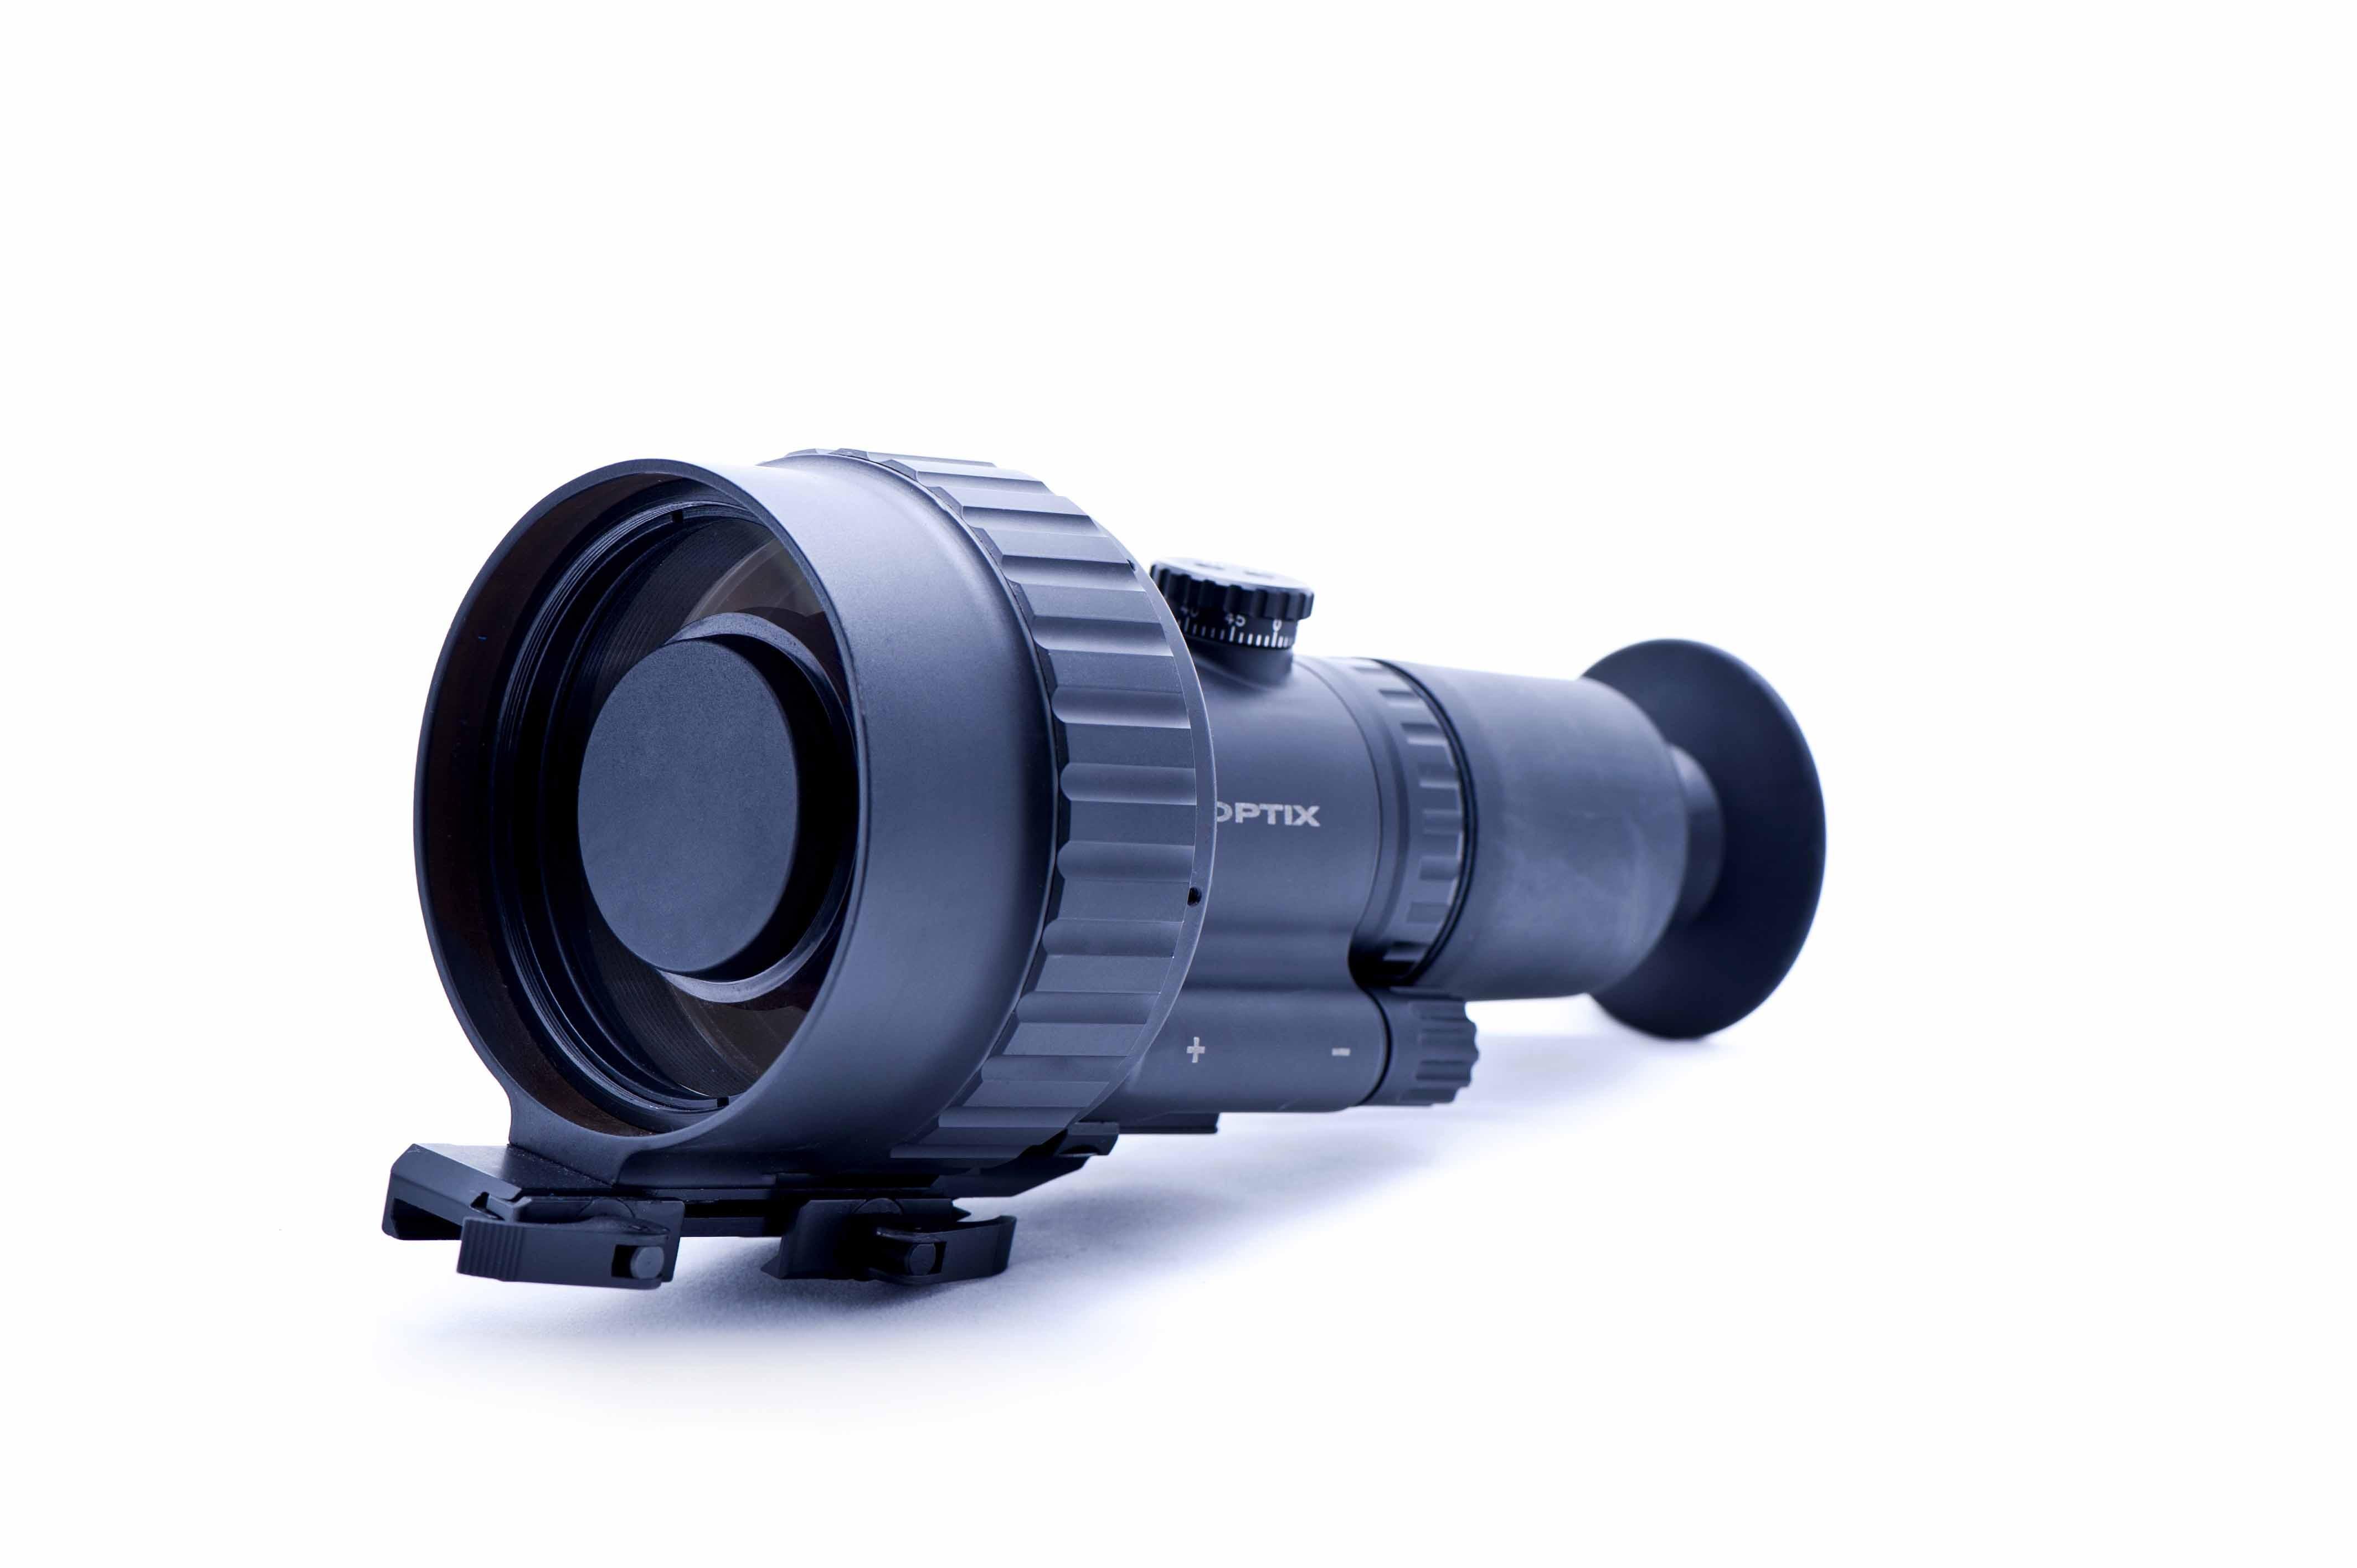 Zielfernrohr Mit Entfernungsmesser Kaufen : Optix ons 4v nachtsicht zielfernrohr